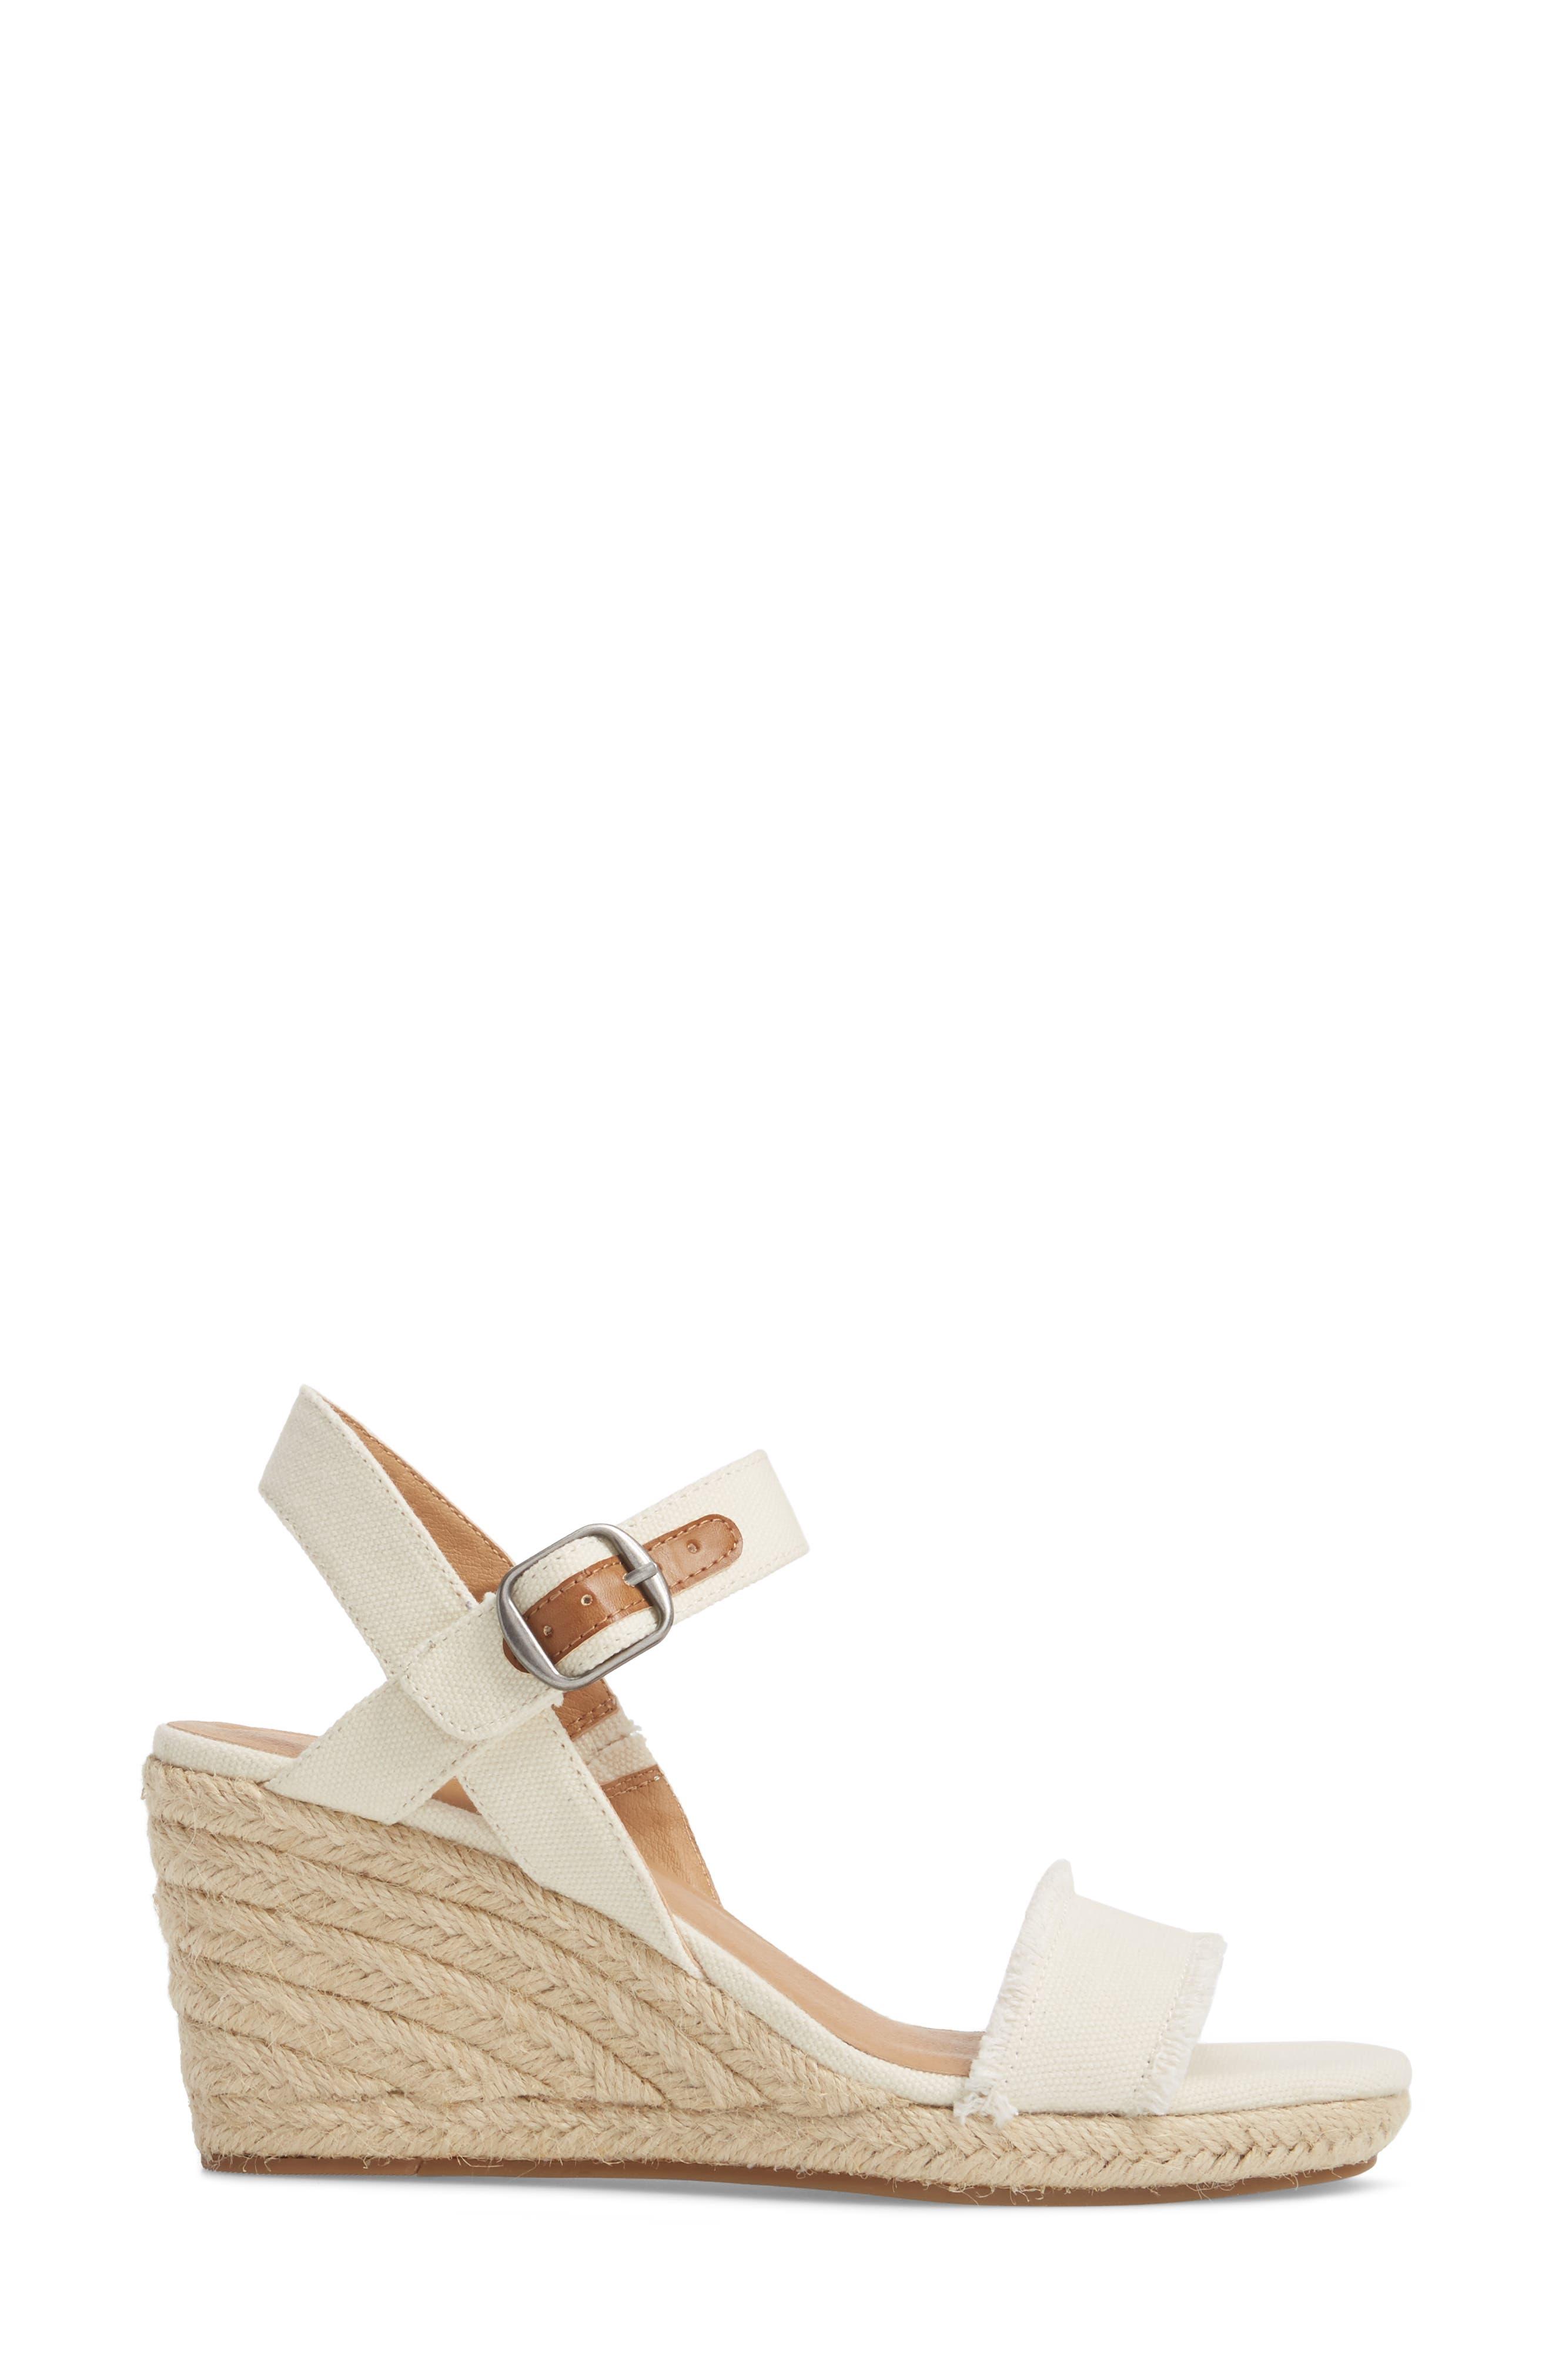 Marceline Squared Toe Wedge Sandal,                             Alternate thumbnail 16, color,